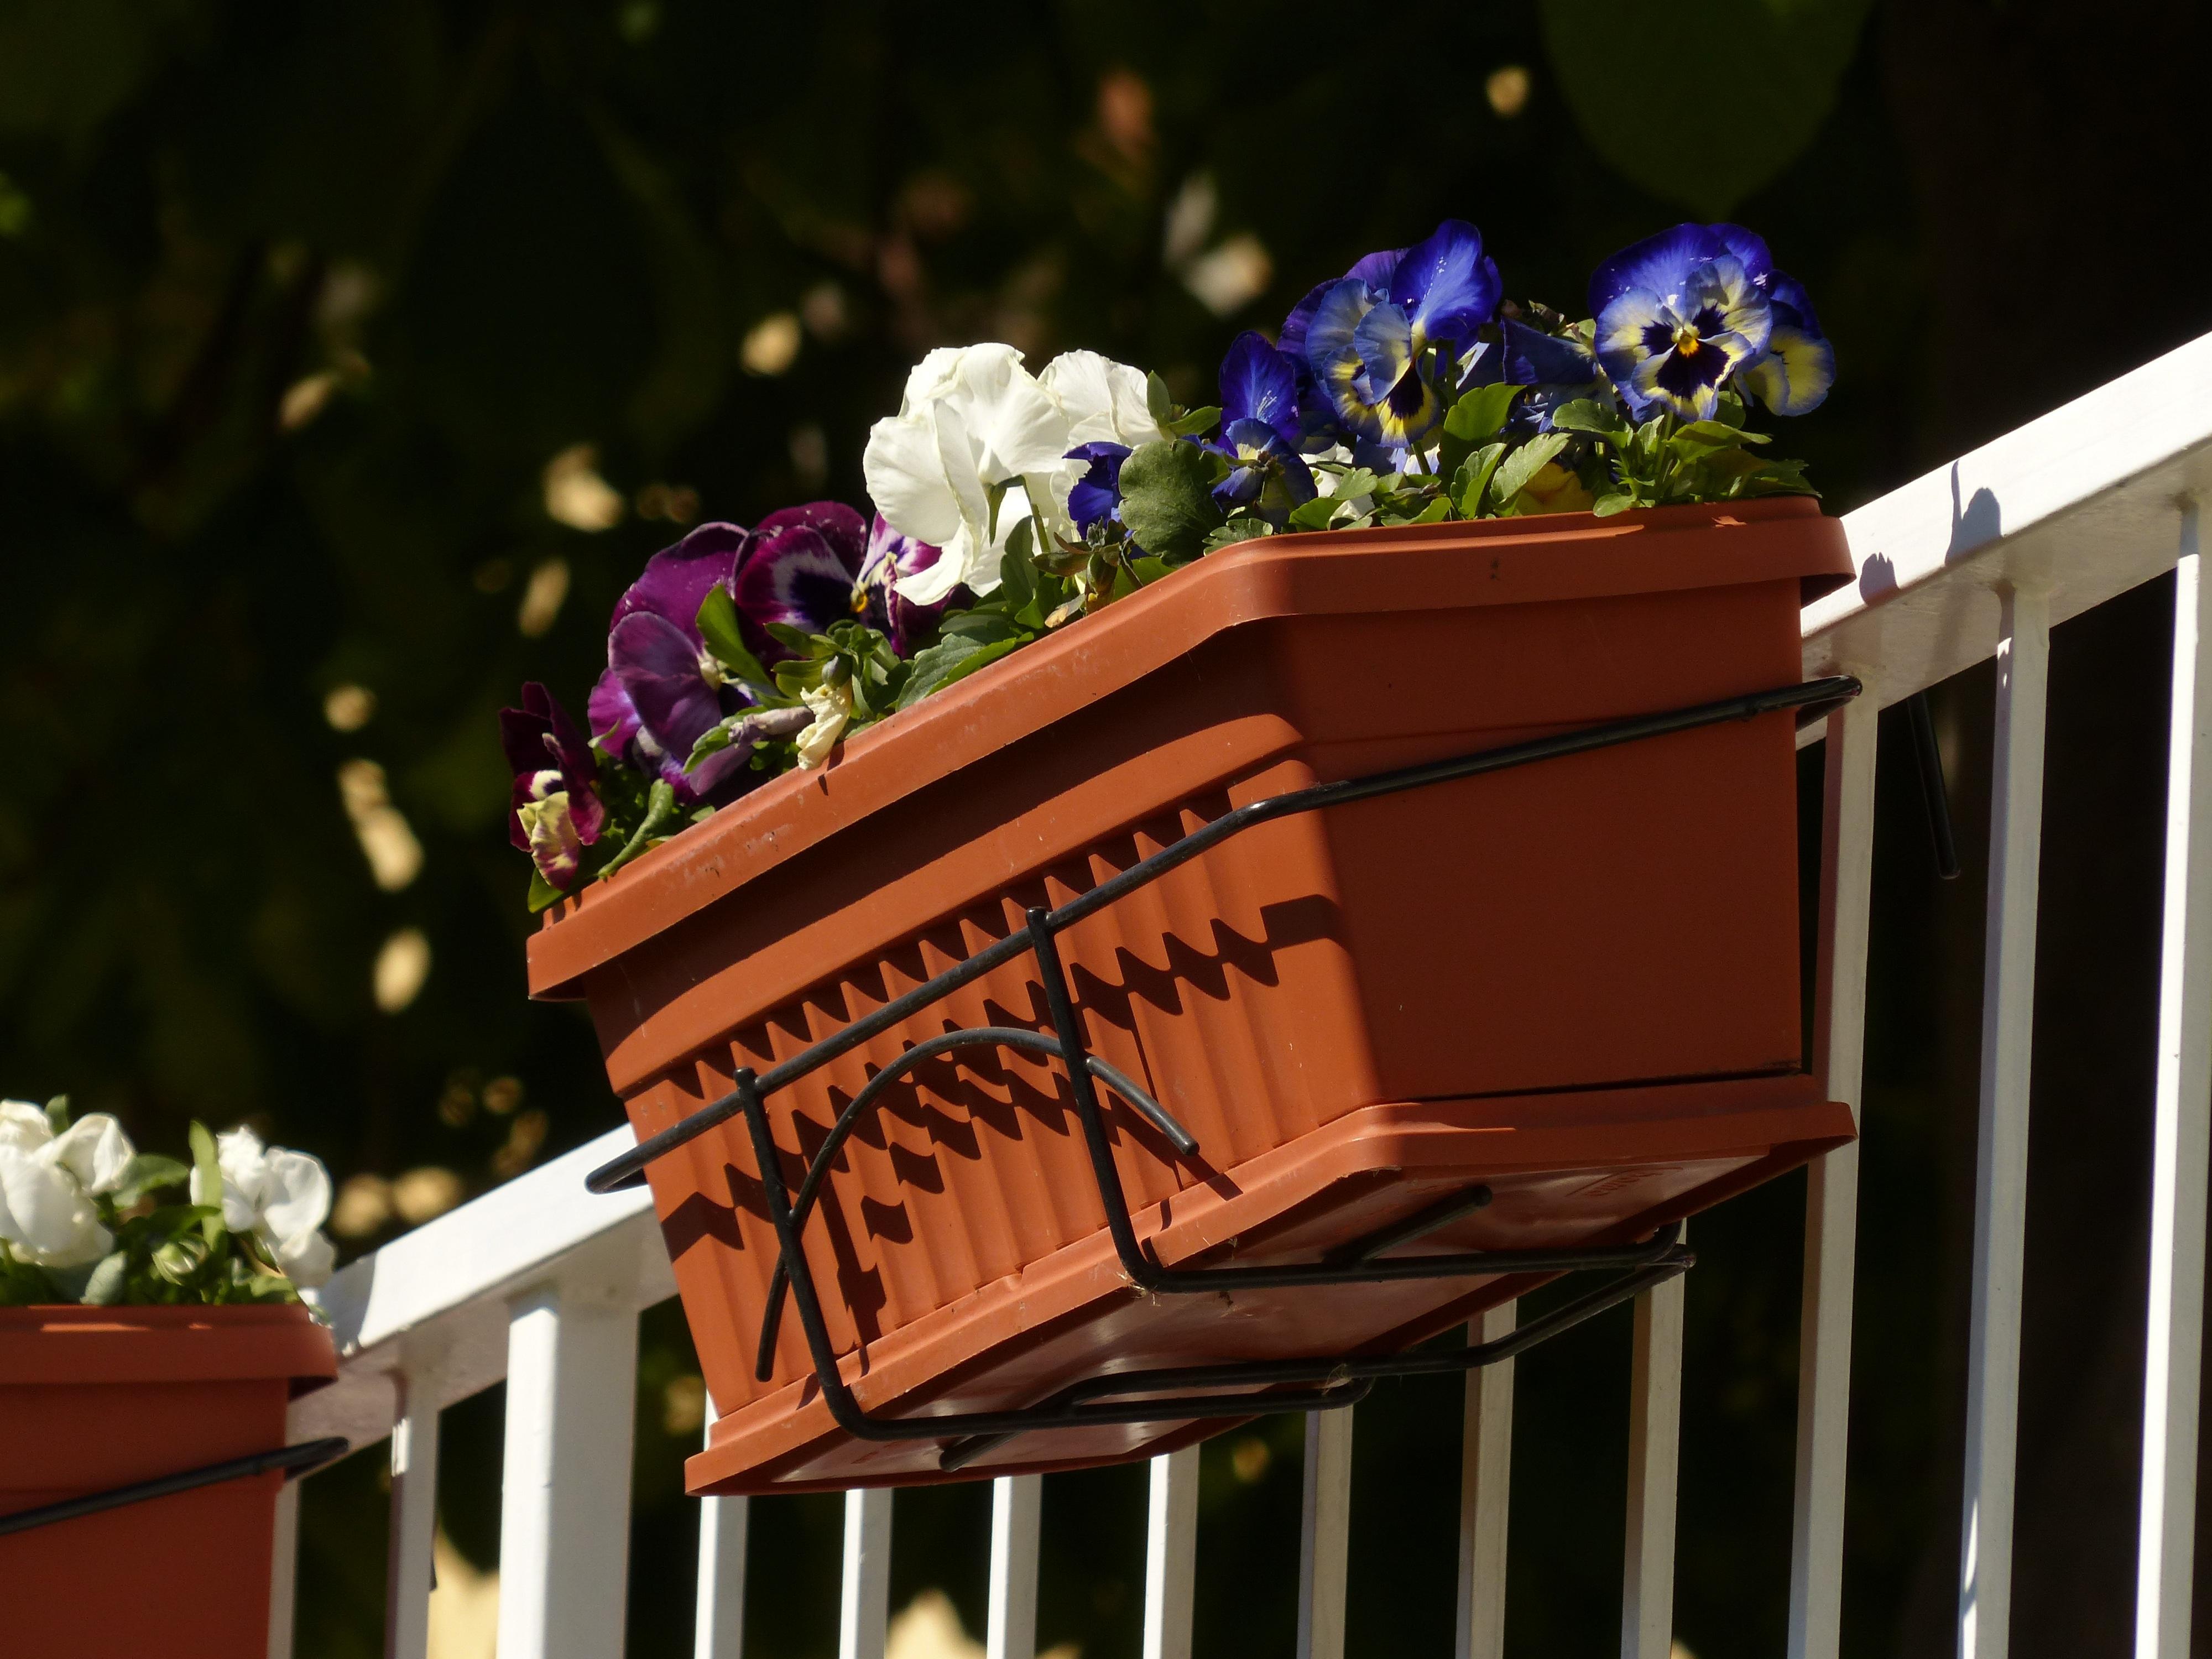 Цветы на балконе в ящиках фото